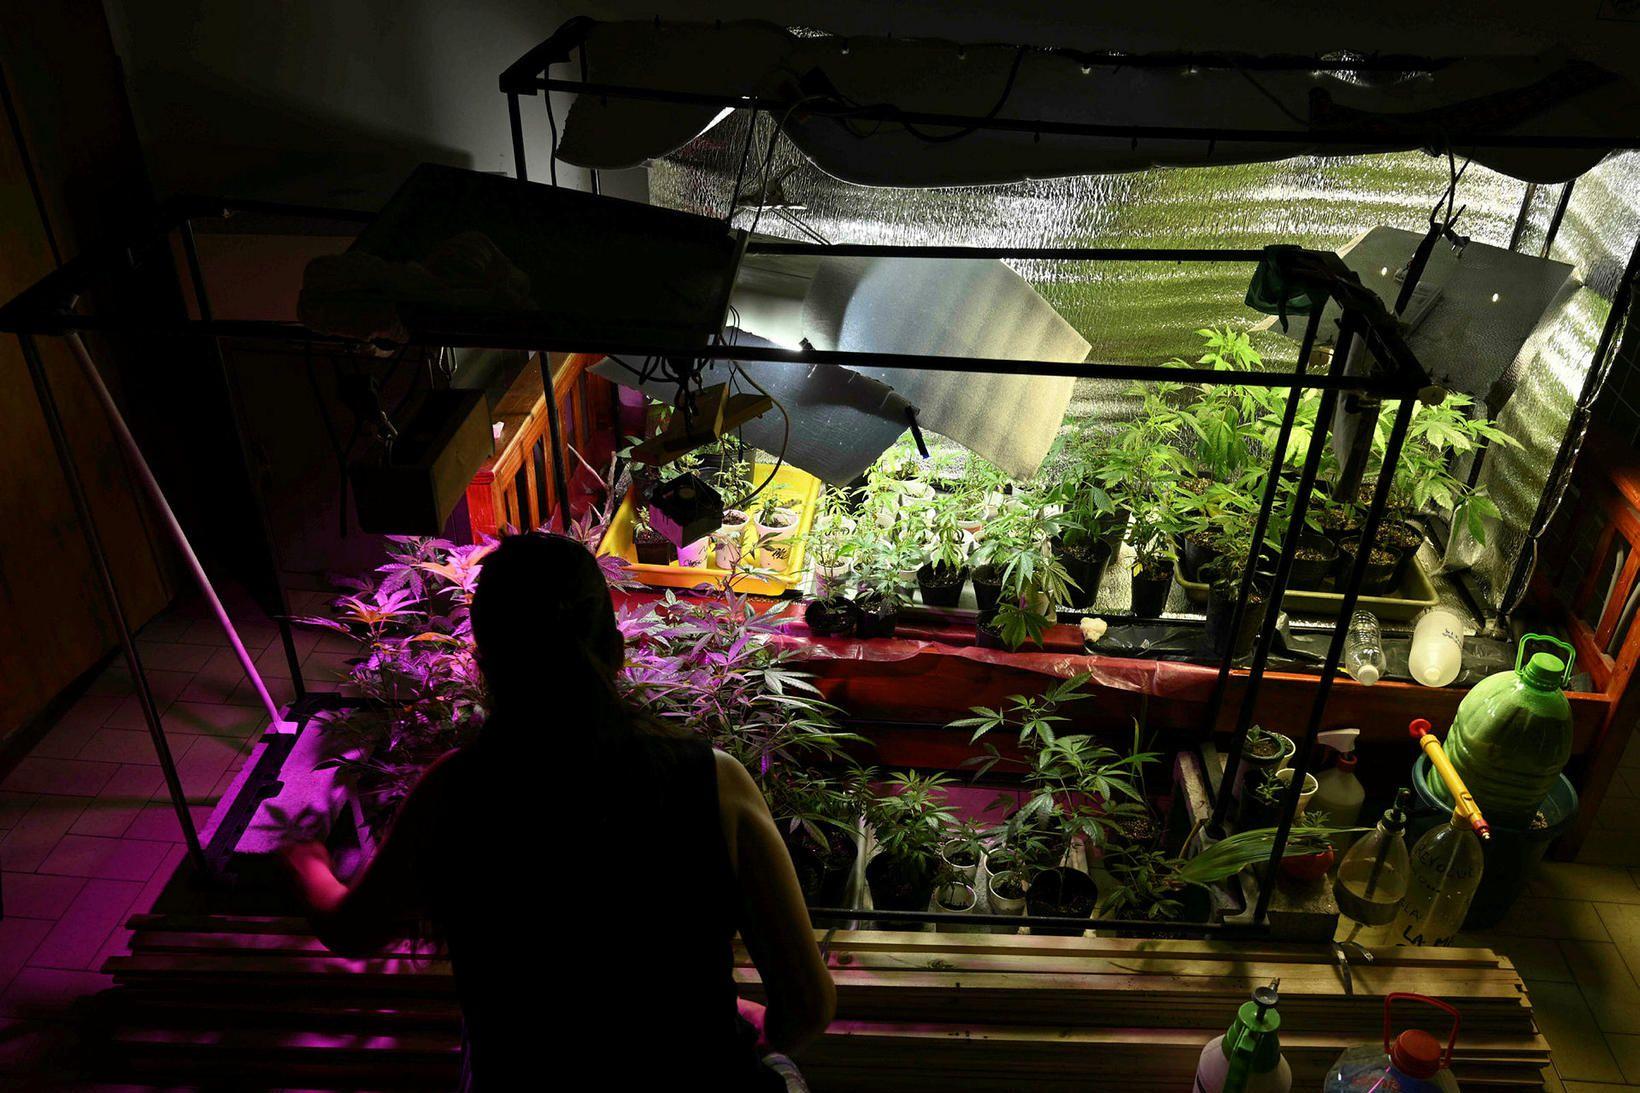 Kannabis er löglegt í 15 ríkjum Bandaríkjanna auk Washington-umdæmis.